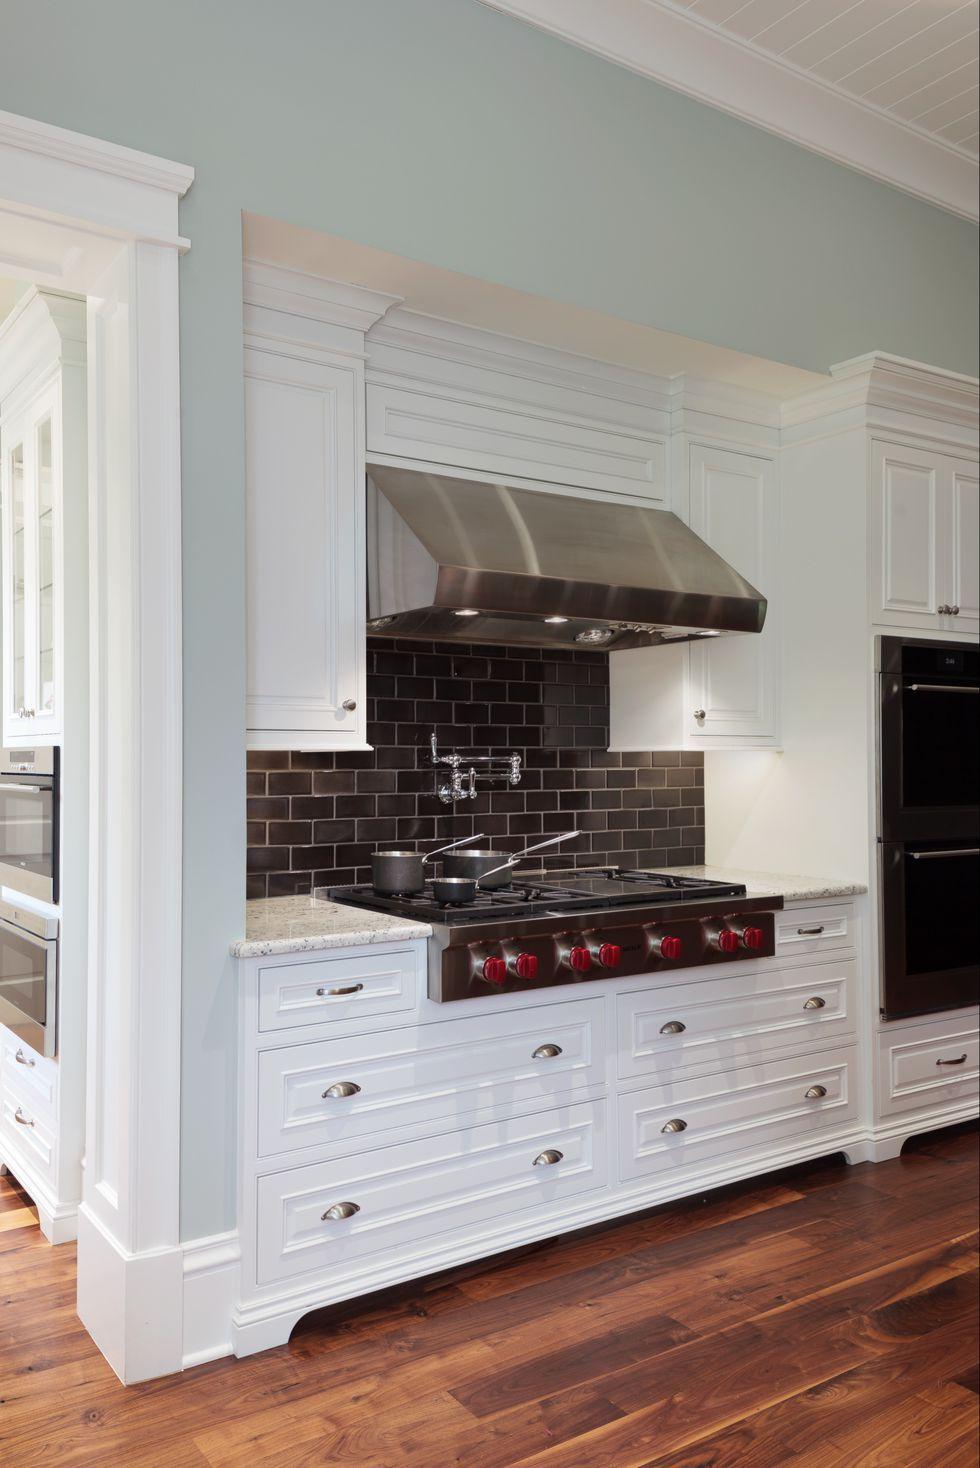 26 Gorgeous Black White Kitchens Ideas For Black White Decor